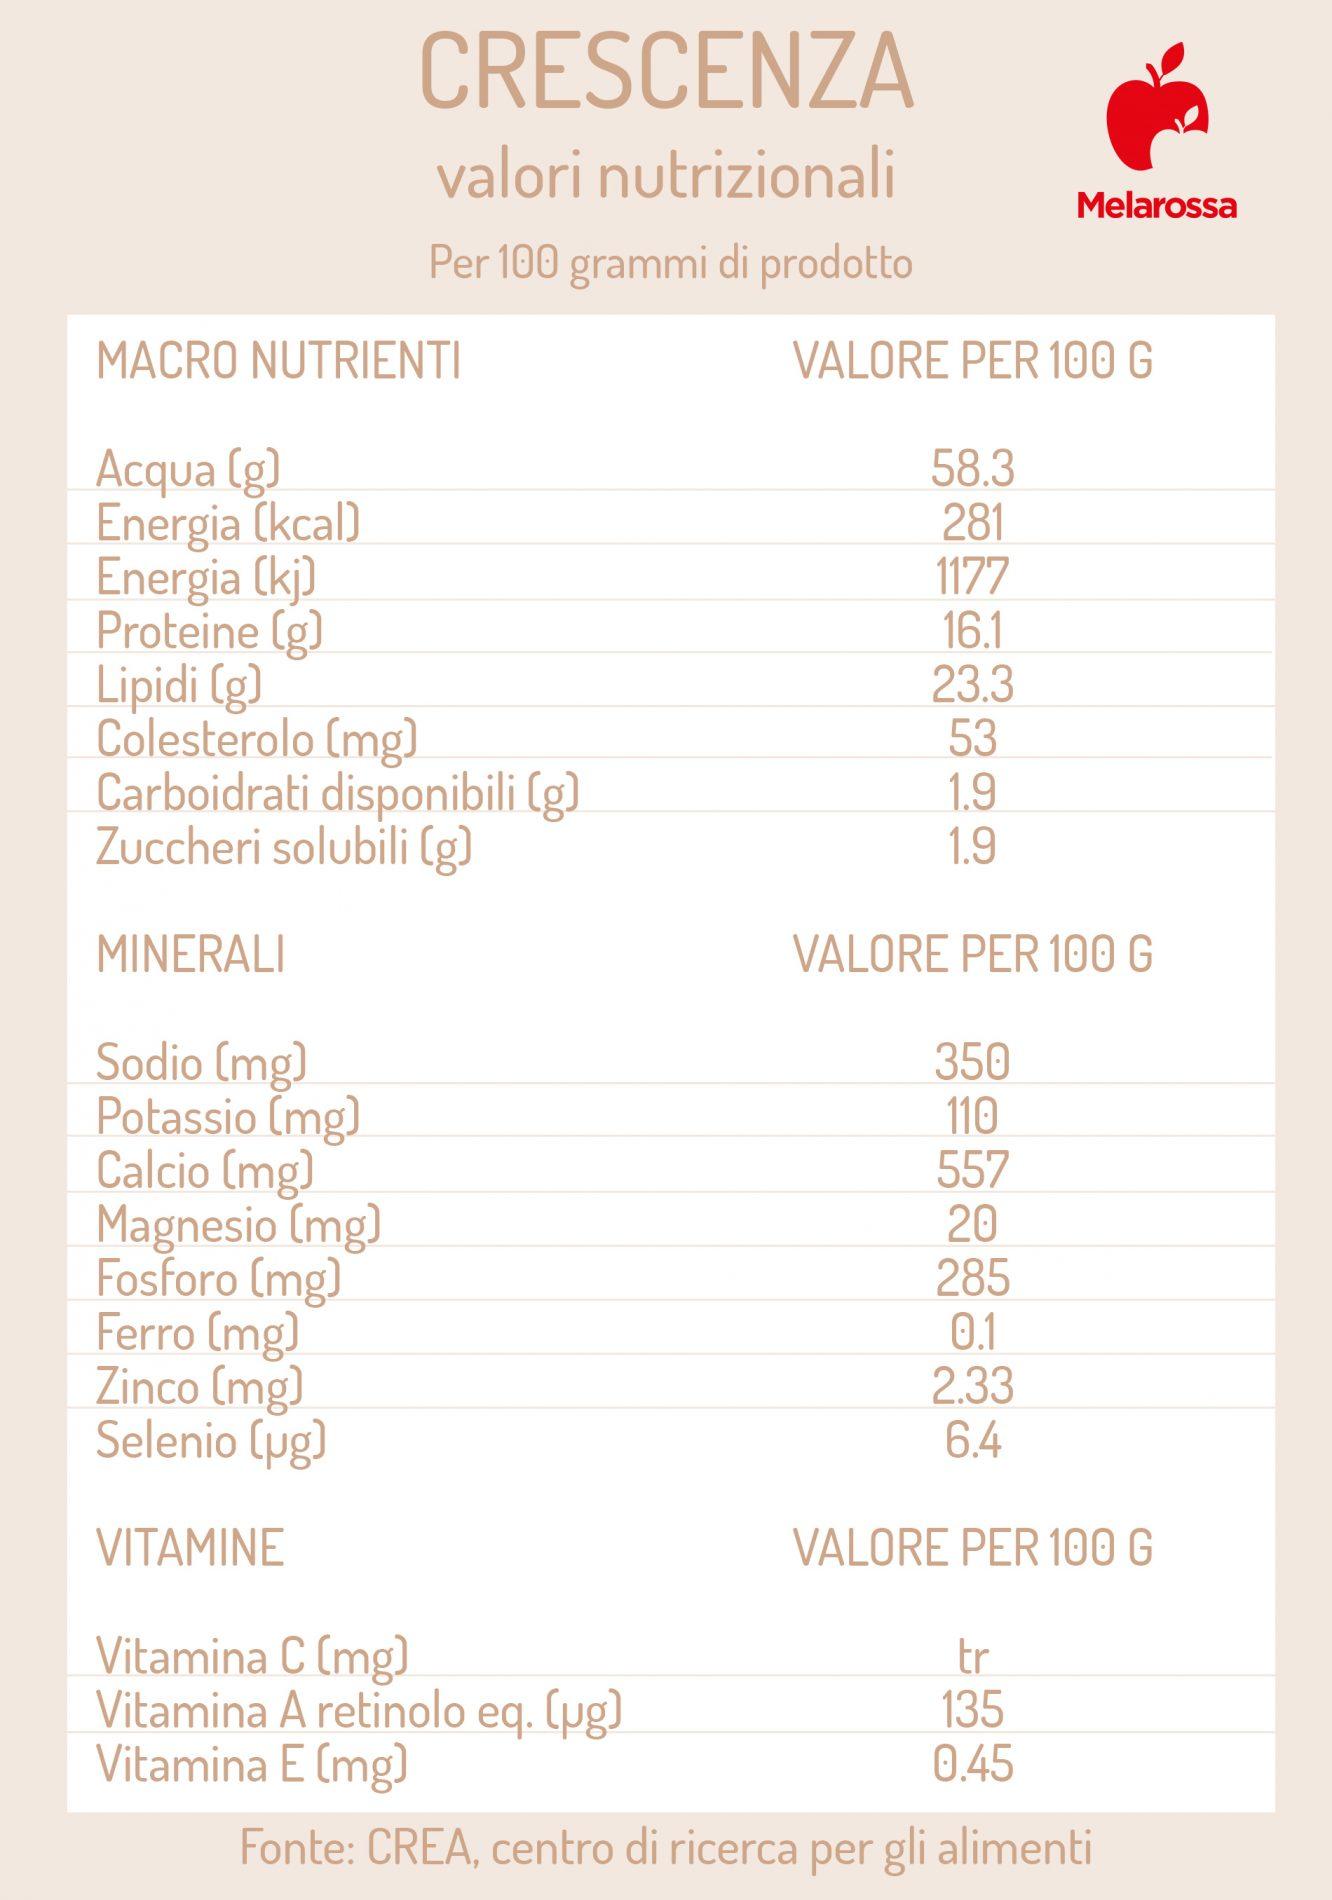 crescenza: valori nutrizionali